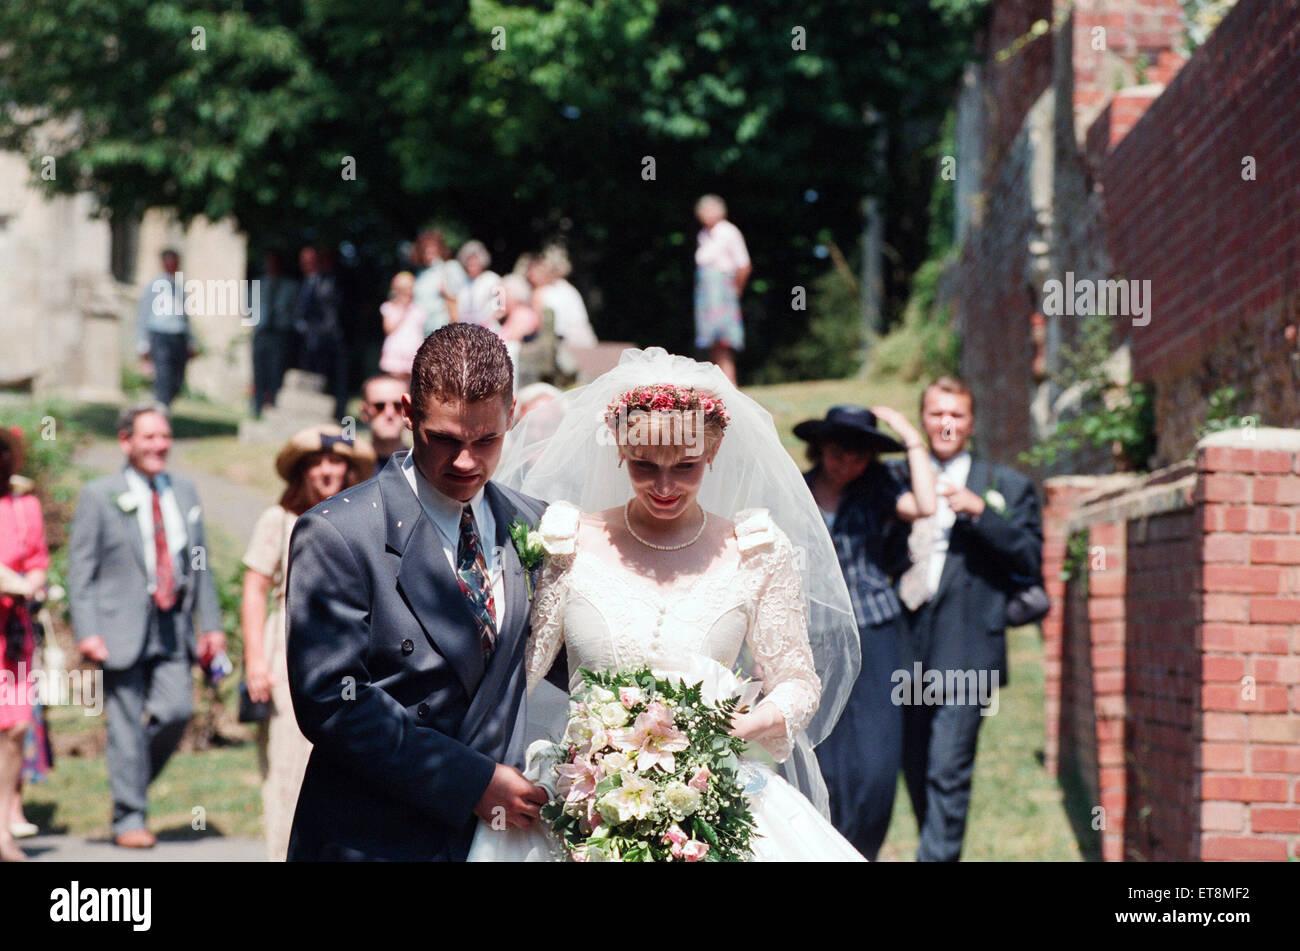 Gloucester Wedding Stock Photos & Gloucester Wedding Stock Images ...